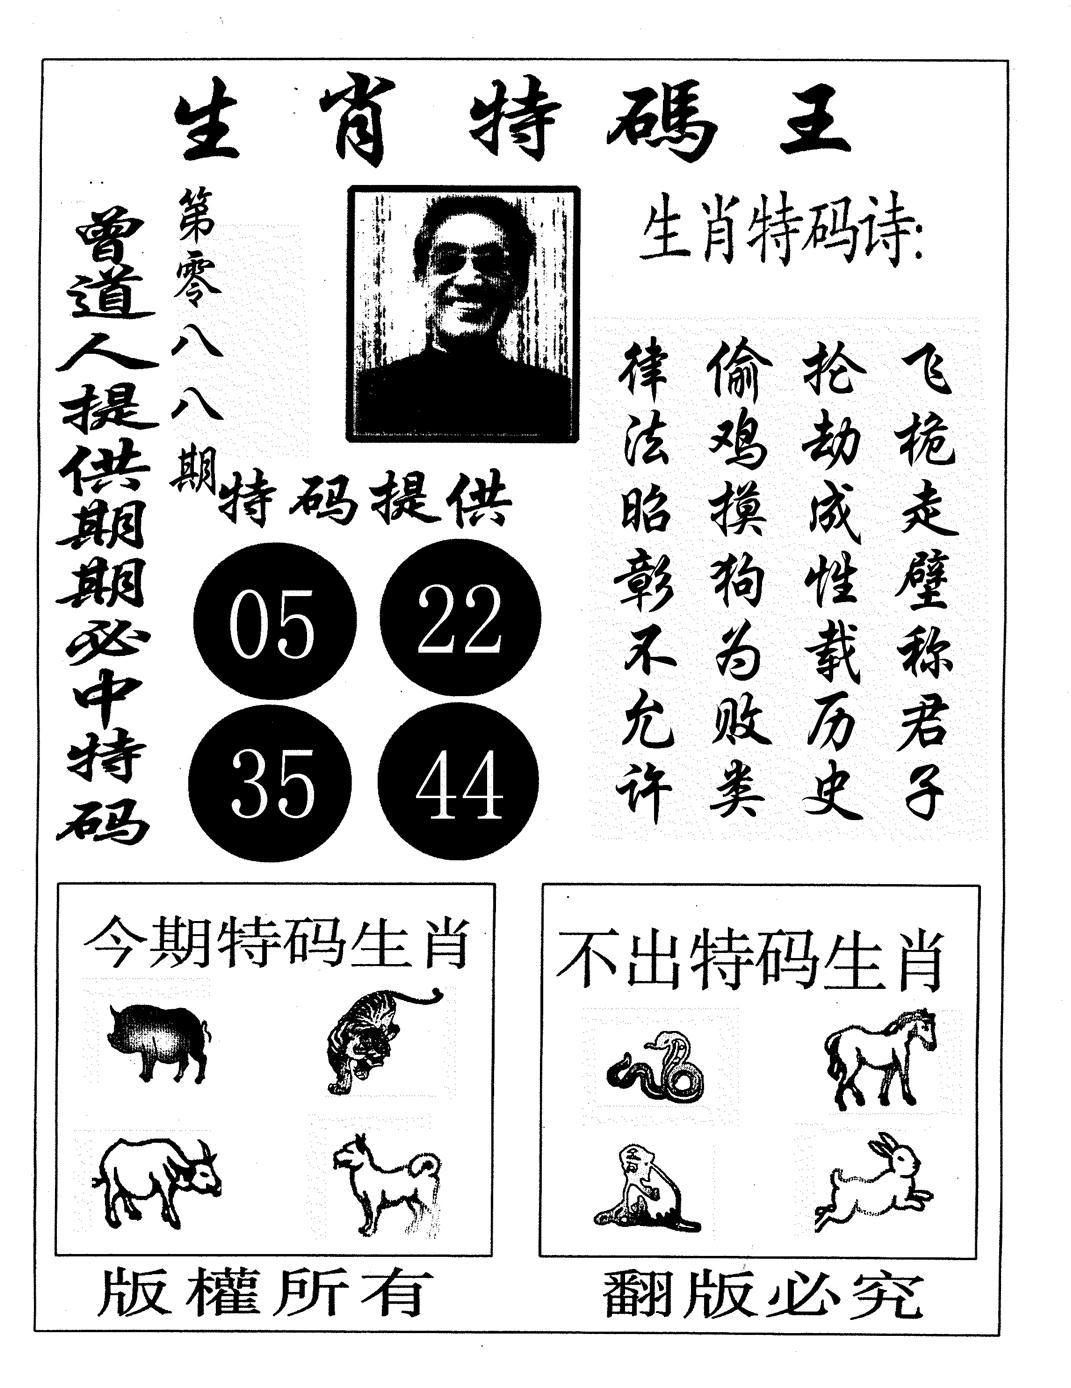 088期六合帝王B(黑白)